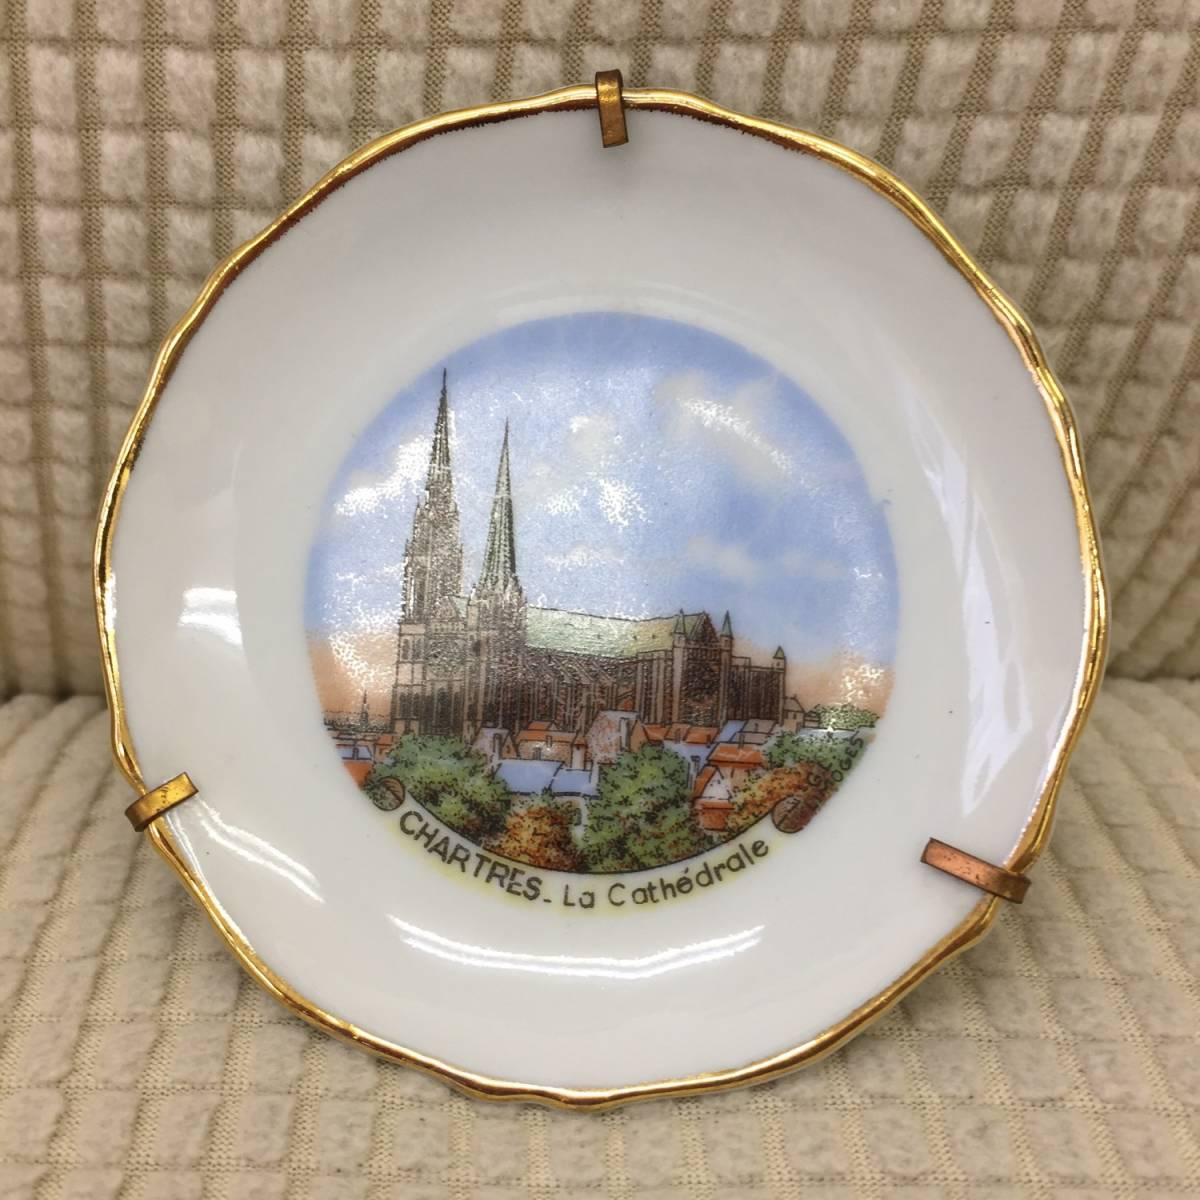 飾り皿 インテリア リモージュ フランス製 シャルトル大聖堂 リモージュ磁器 リモージュ焼 Porcelaine de Limoges 小皿 アンティーク風_画像1